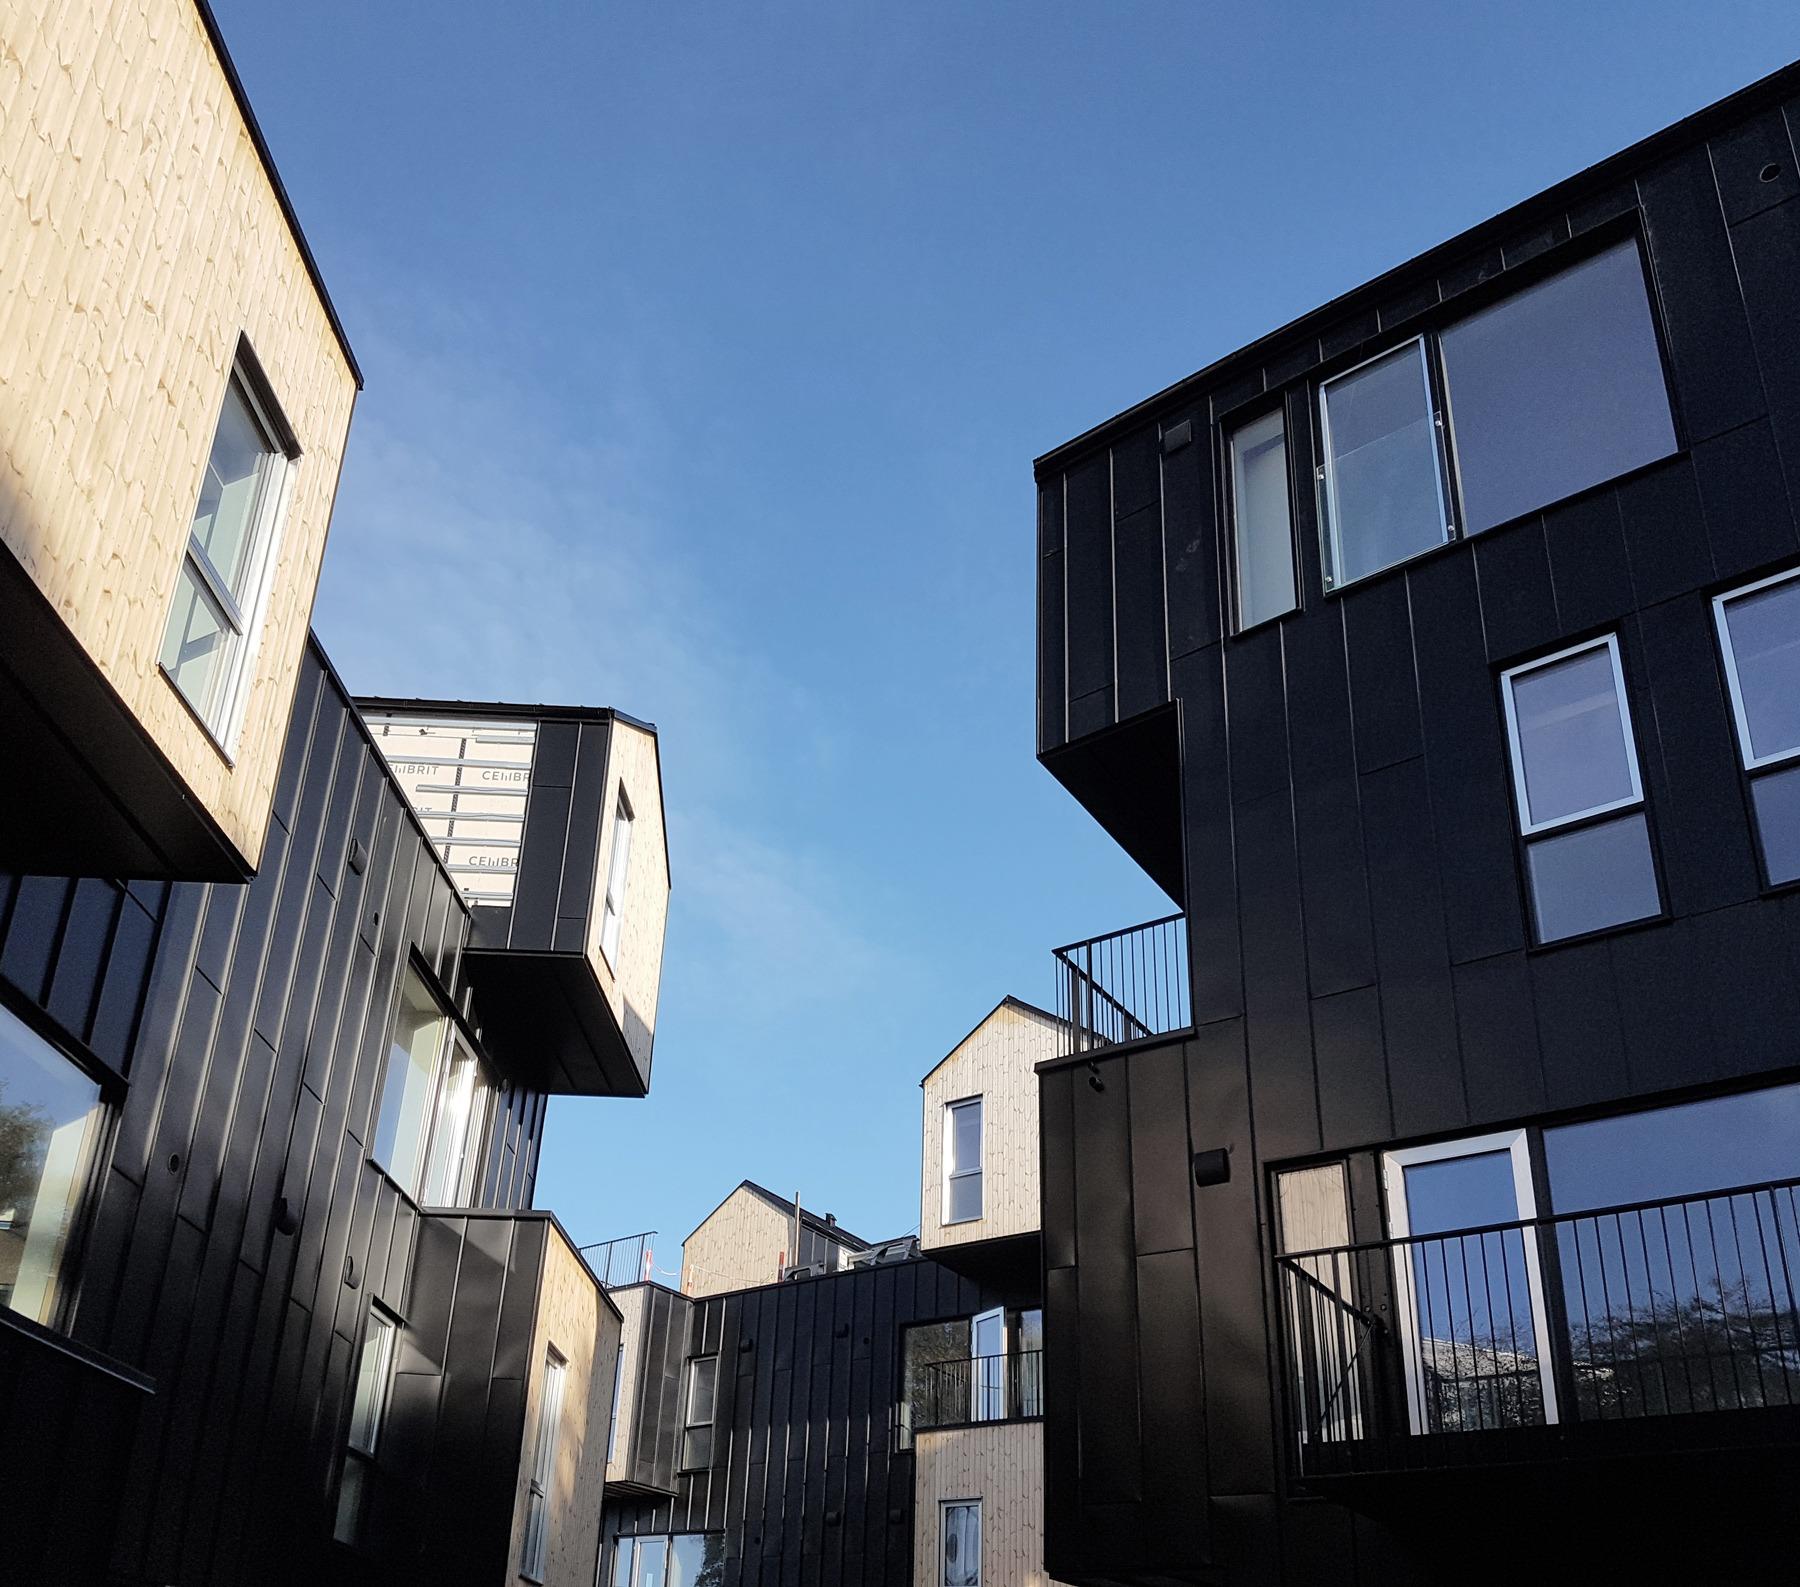 Venligbolig-Plus-ONV-arkitekter-Frederiksberg-Delehusene-præfab-boliger-ungdomsboliger-prefabricated